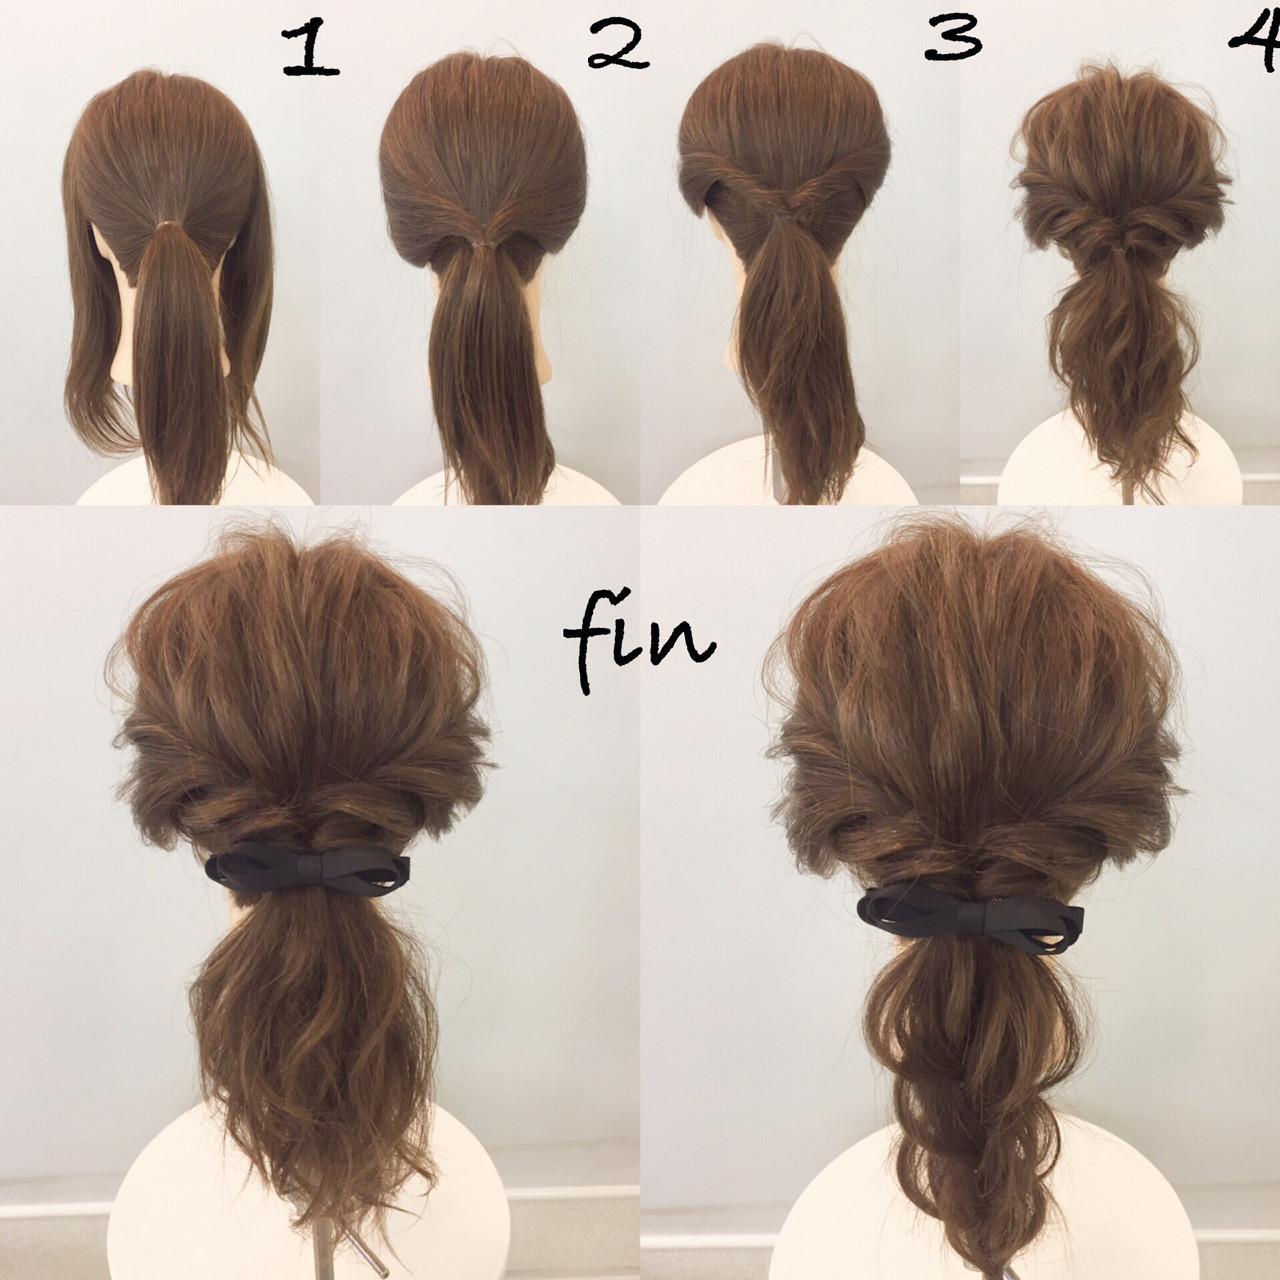 【ミディアムヘア】披露宴用髪型♡簡単セルフアレンジ